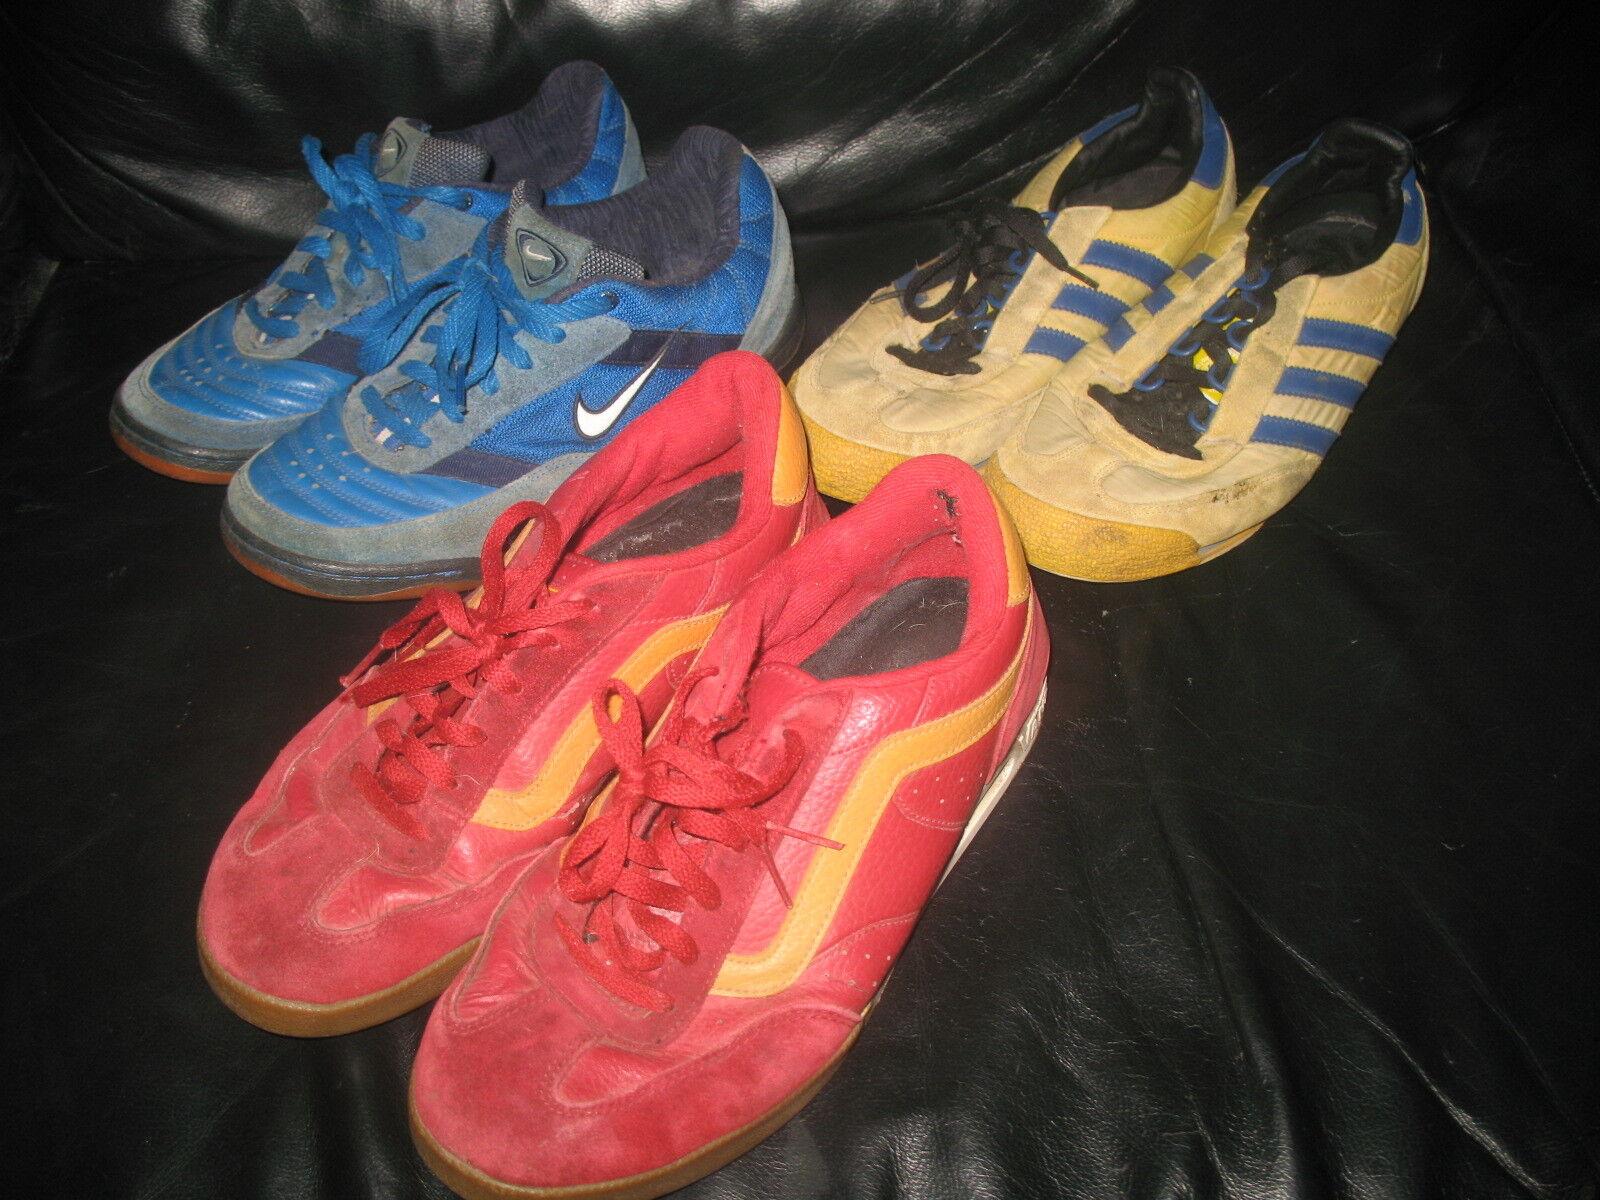 Schuhe Sneaker Herren Paket 9 Paar Gr 43-44  Nike Adidas Vans Fubu sehr getragen